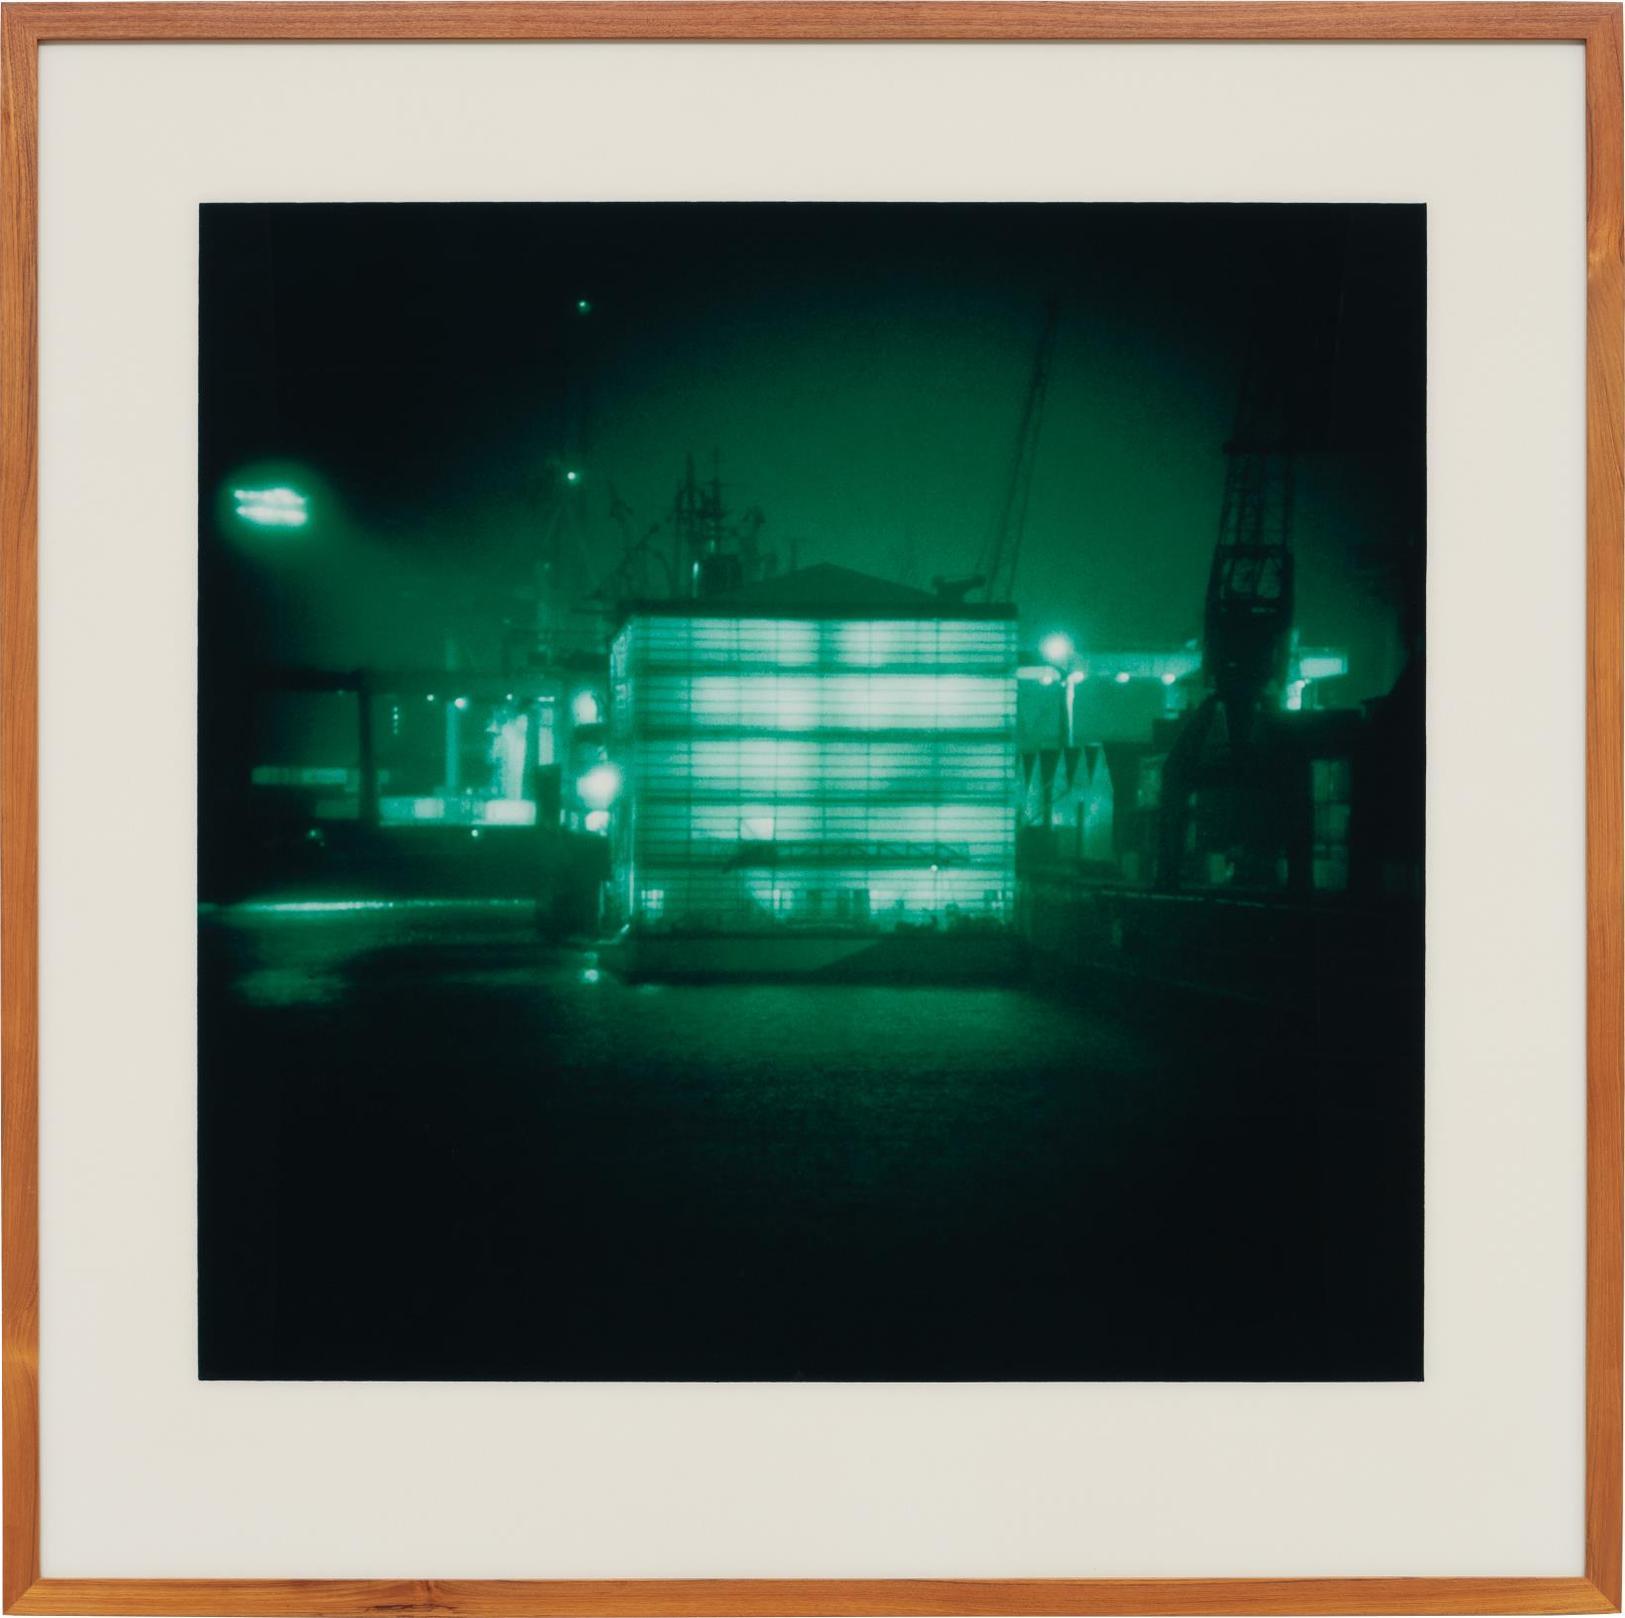 Thomas Ruff-Nacht 11 II-1992